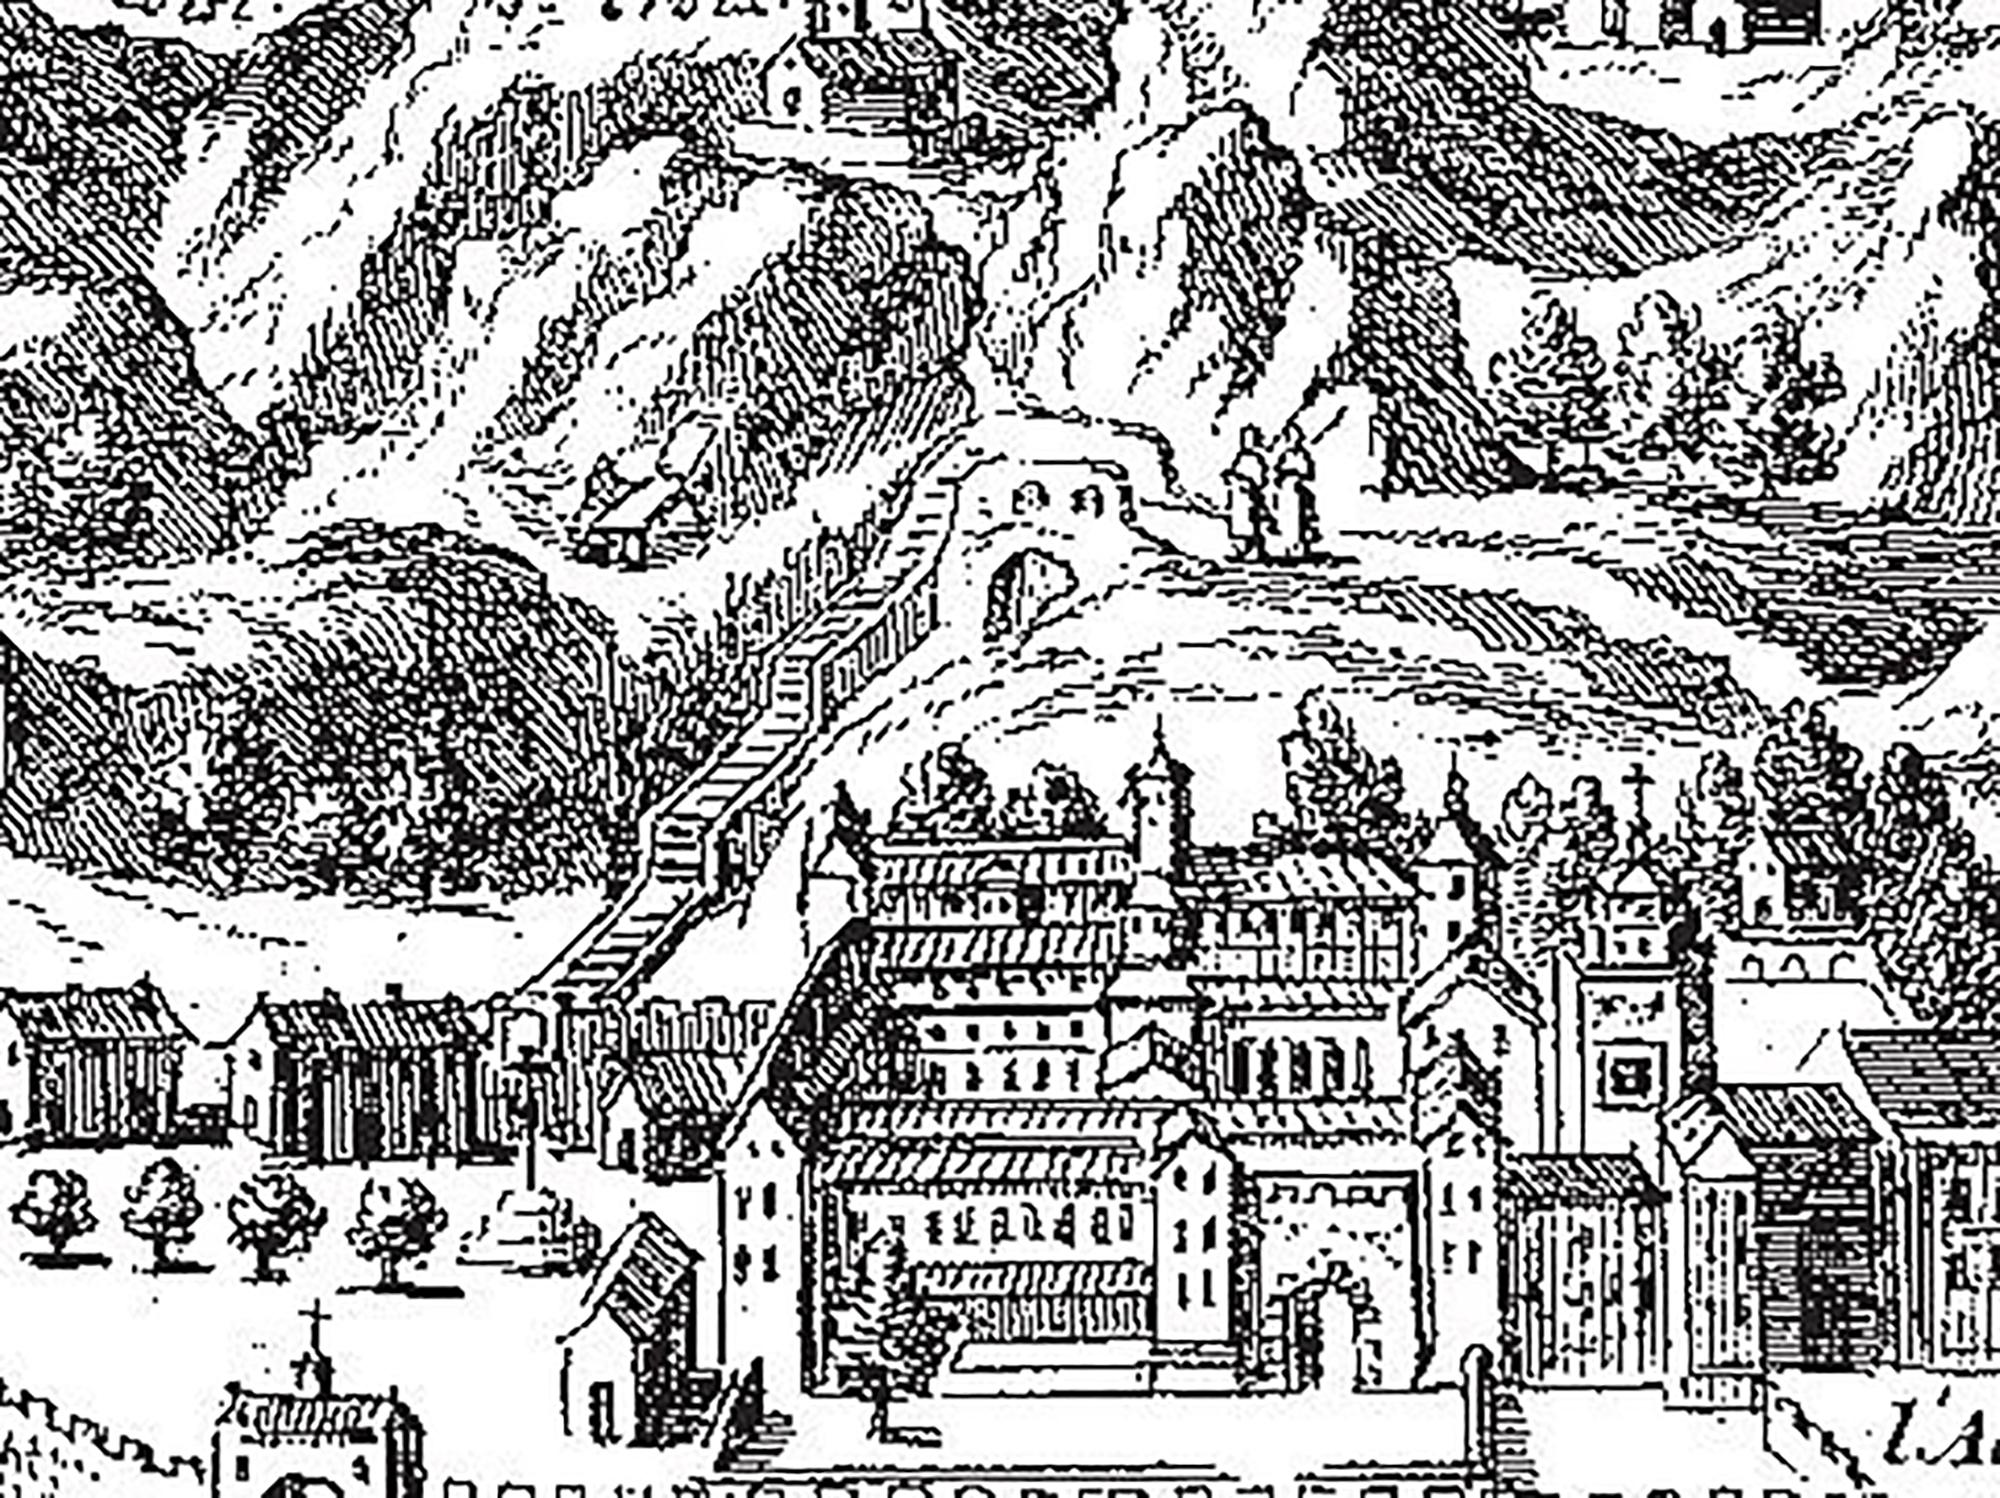 12 Maison Angelical 1701 detall Nicolas de Fer 1705